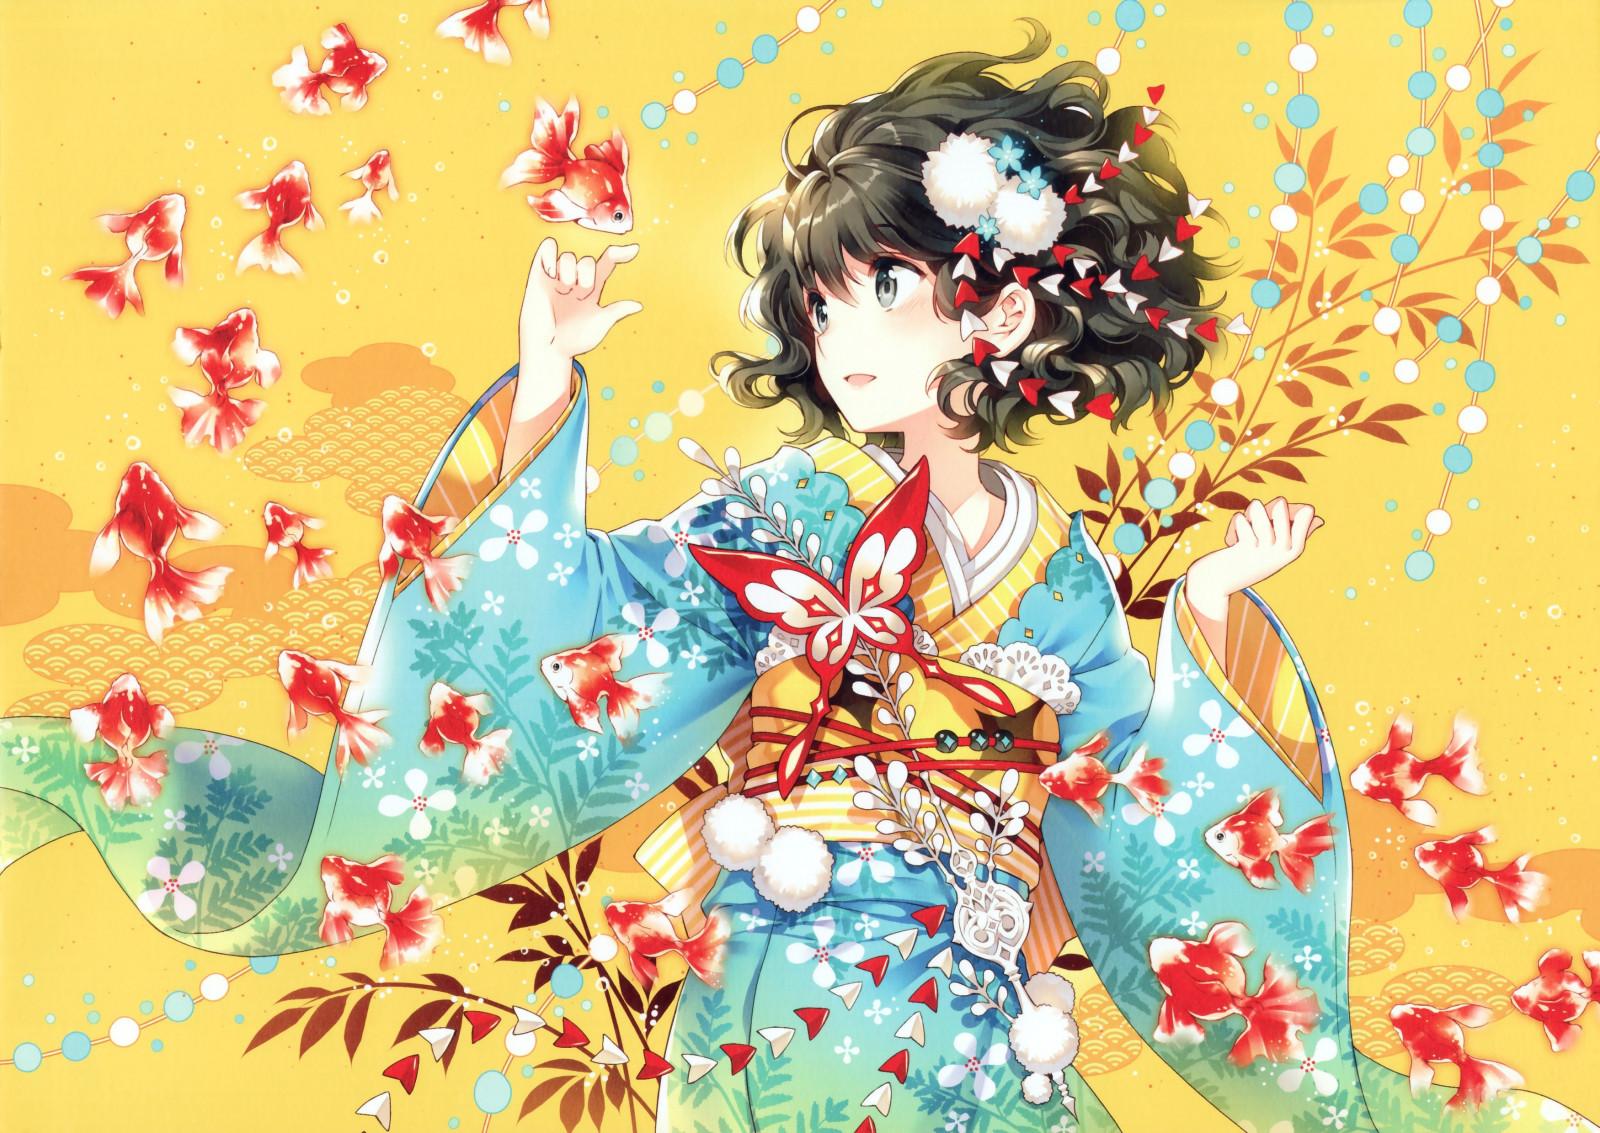 デスクトップ壁紙 図 アニメの女の子 魚 元の文字 和服 着物